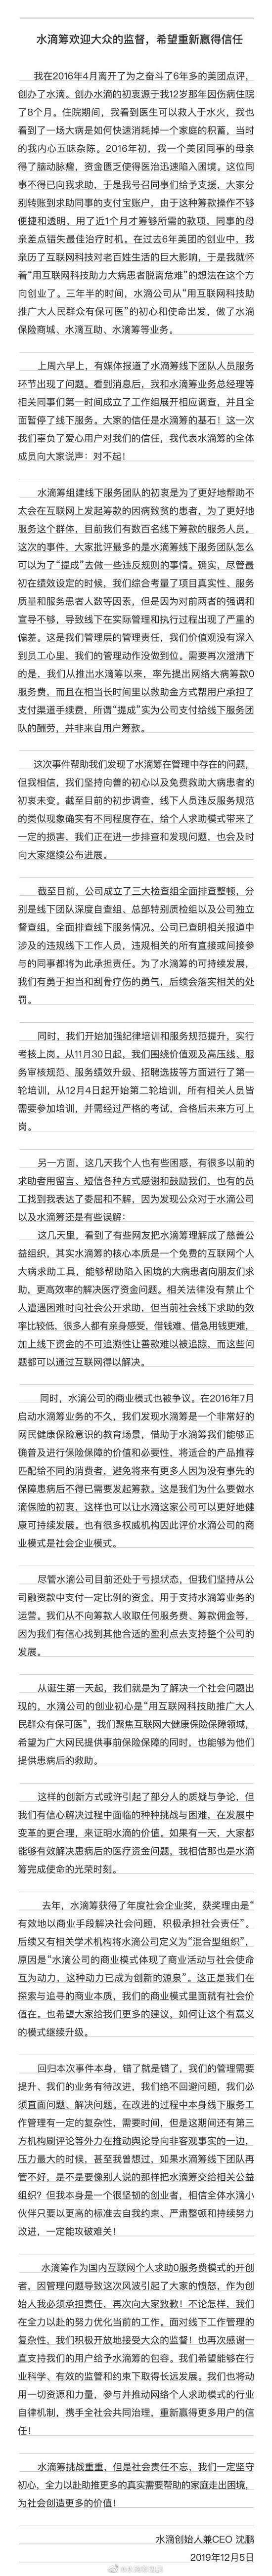 中国中铁:联合体中标220.92亿公路项目